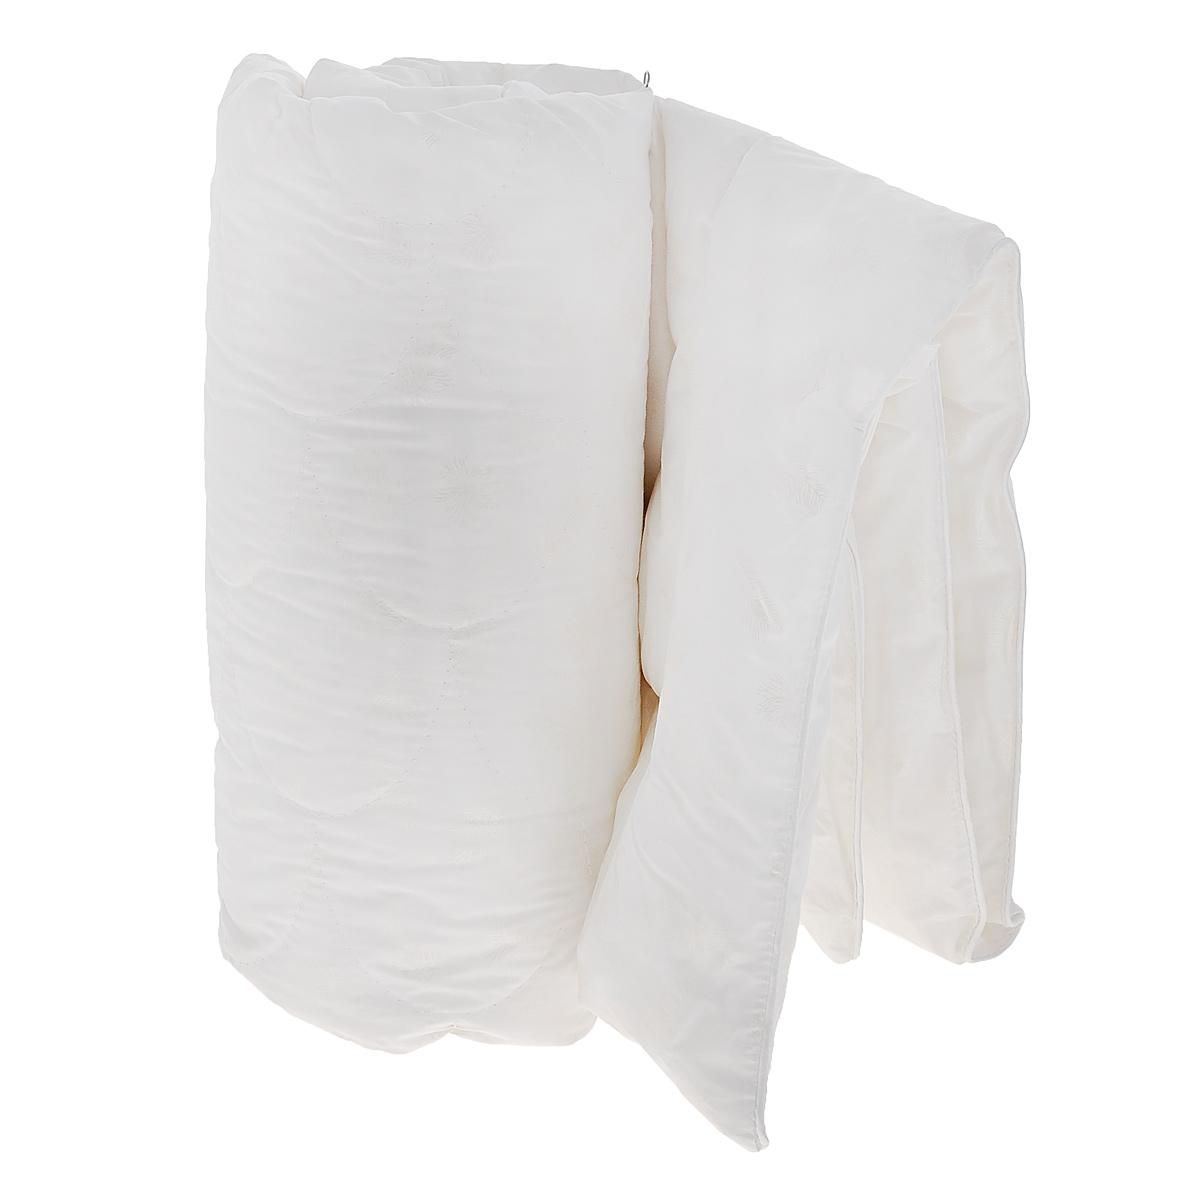 Одеяло детское Облачко, наполнитель: искусственный лебяжий пух, 110 см х 140 см156969Одеяло Облачко подарит комфортный сон вашему малышу. Чехол изготовлен из 100% хлопка, наполнитель - искусственный лебяжий пух. Мягкий и необычайно легкий наполнитель обеспечит оптимальную терморегуляцию пододеяльного пространства, а плотная и легкая дышащая ткань создаст условия, исключающие парниковый эффект и перегрев ребенка во время сна. Искусственный пух не вызывает аллергию и раздражение кожи малыша. Сложная фигурная стежка одеяла обеспечивает возможность его стирки столько раз, сколько это будет необходимо.Материал чехла: 100% хлопок.Материал наполнителя: искусственный лебяжий пух.